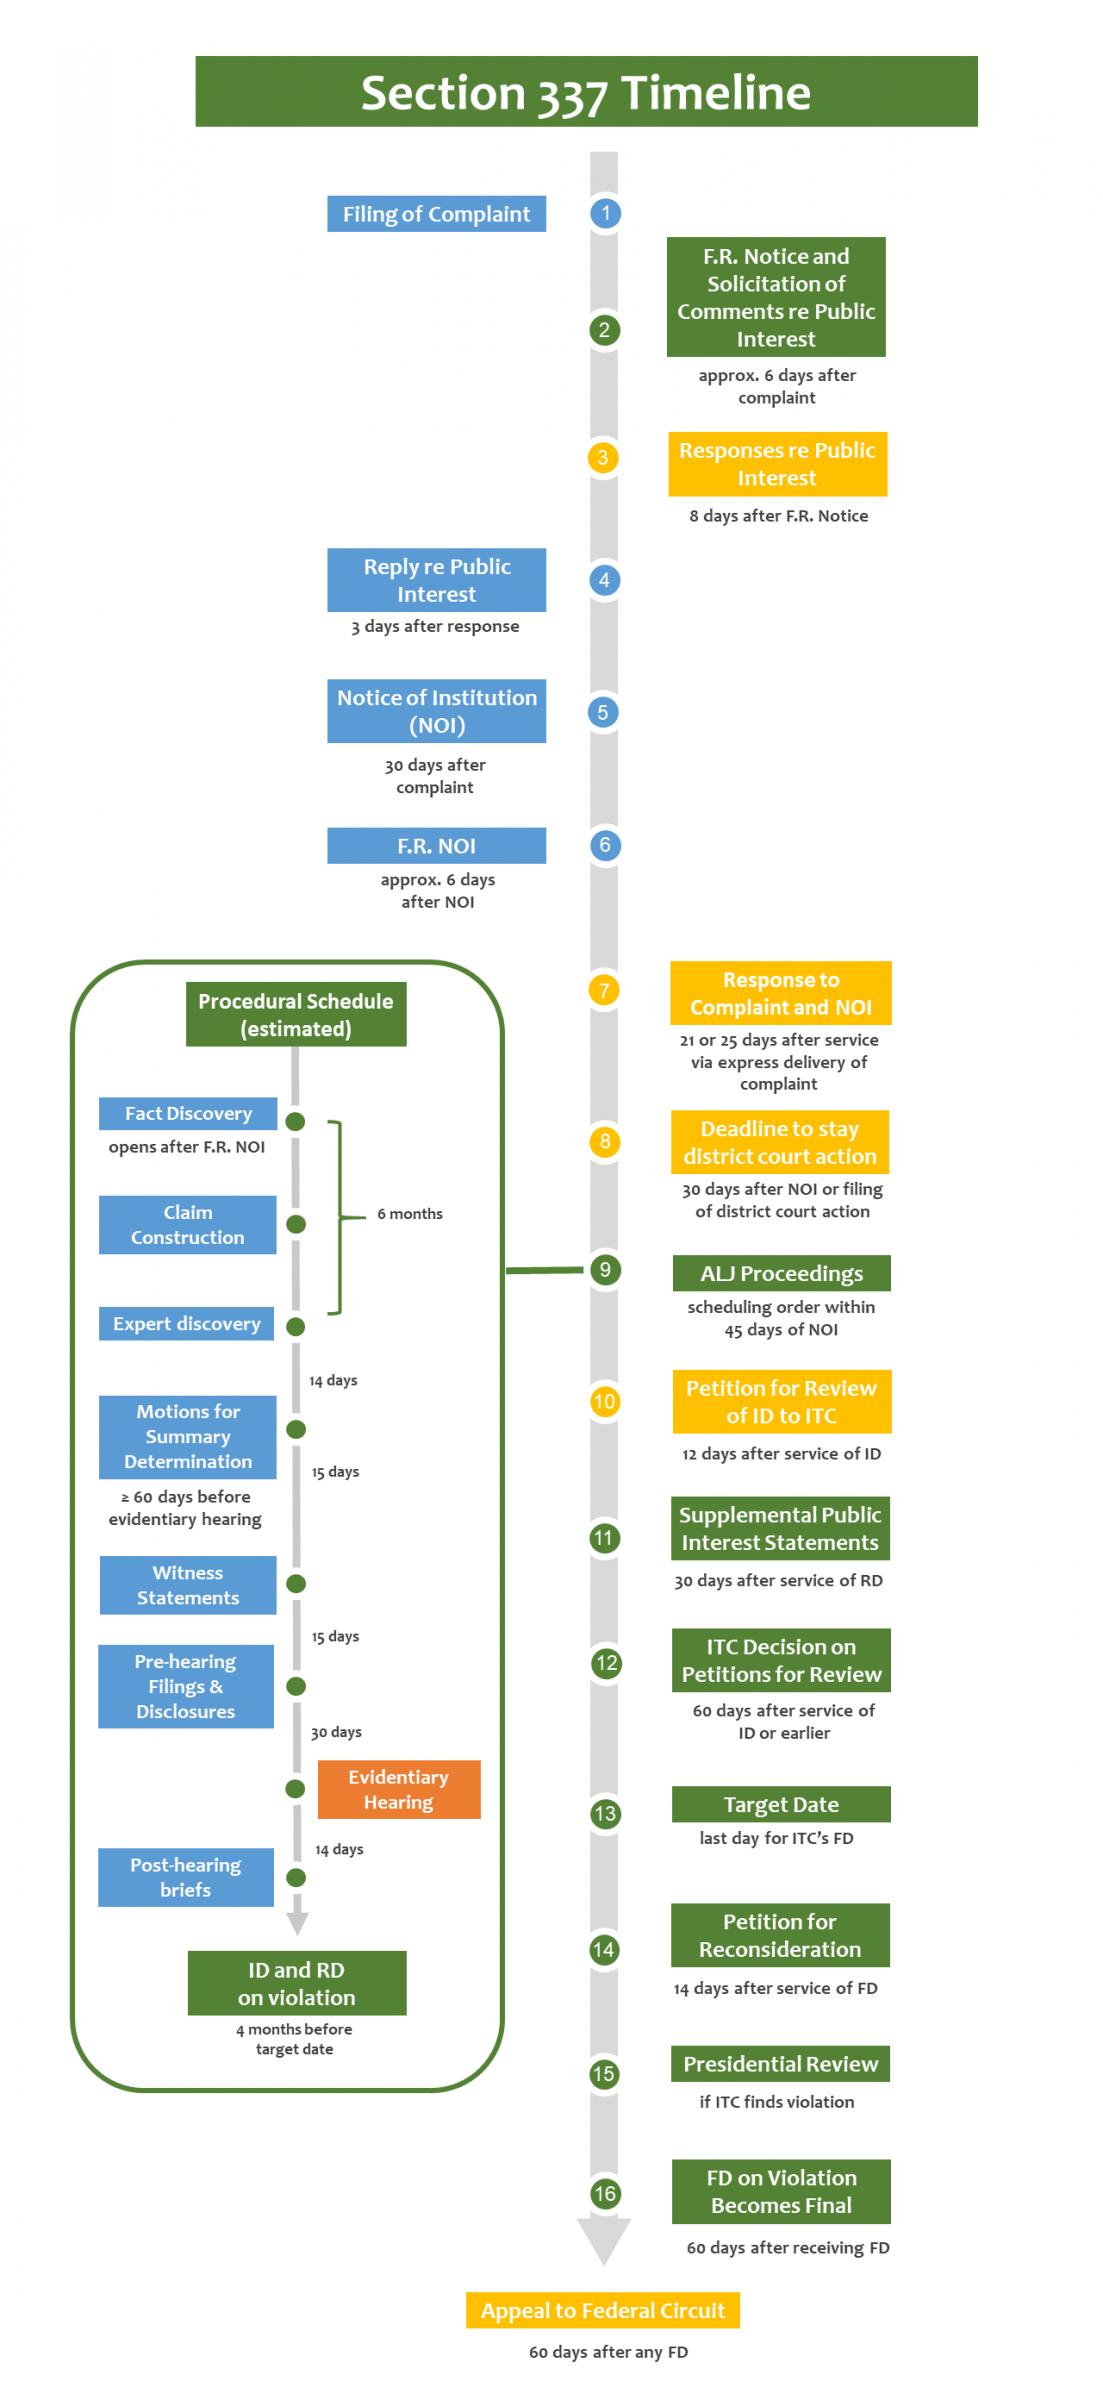 Section 337 Timeline